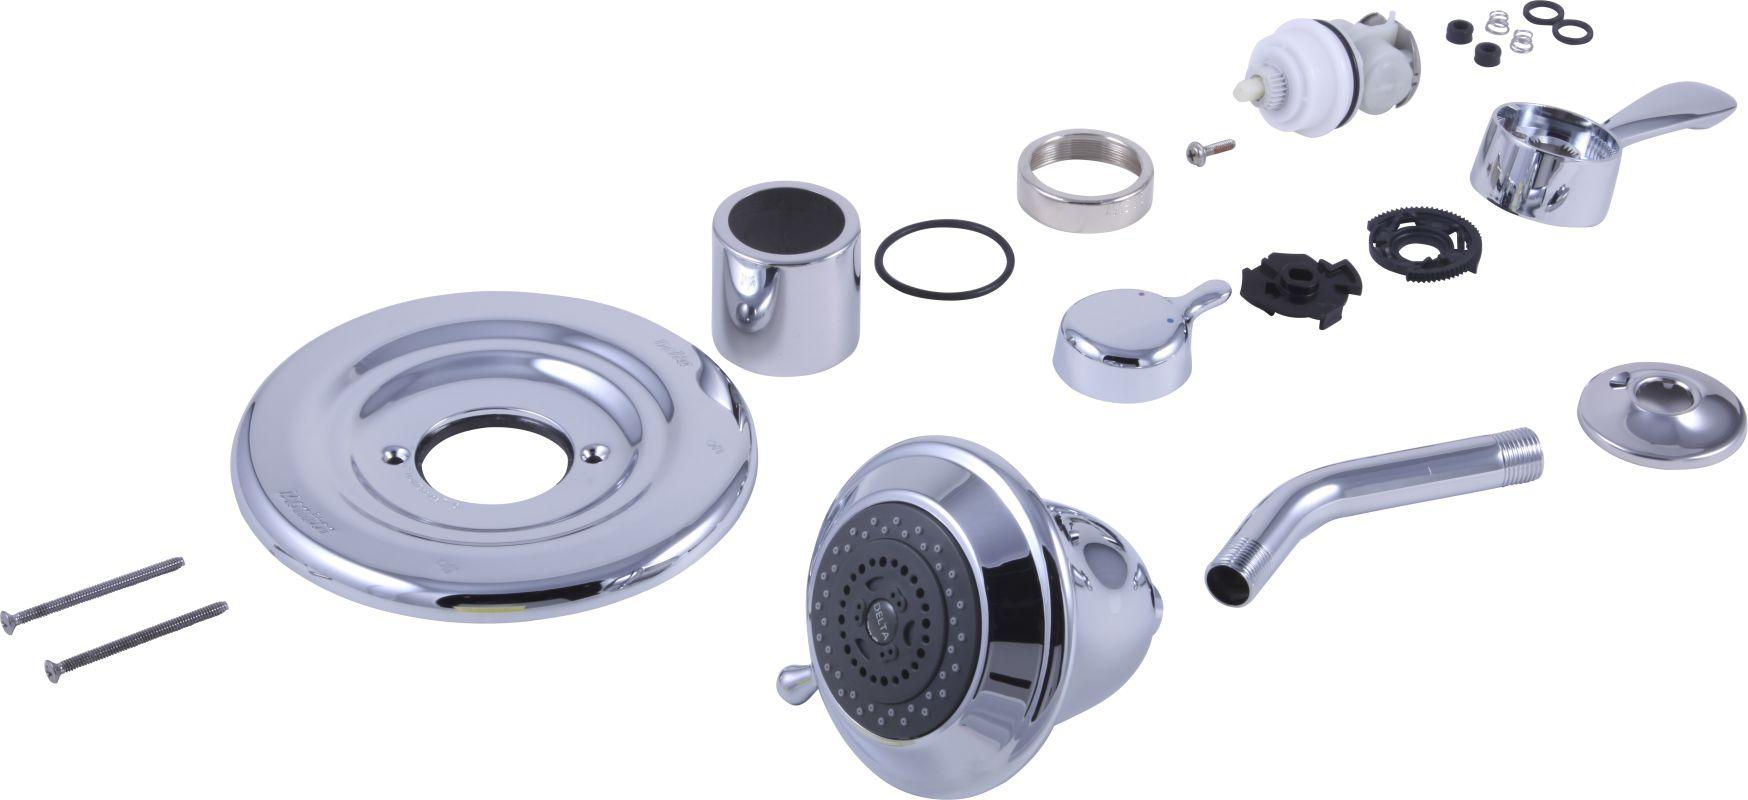 shower faucet conversion kit